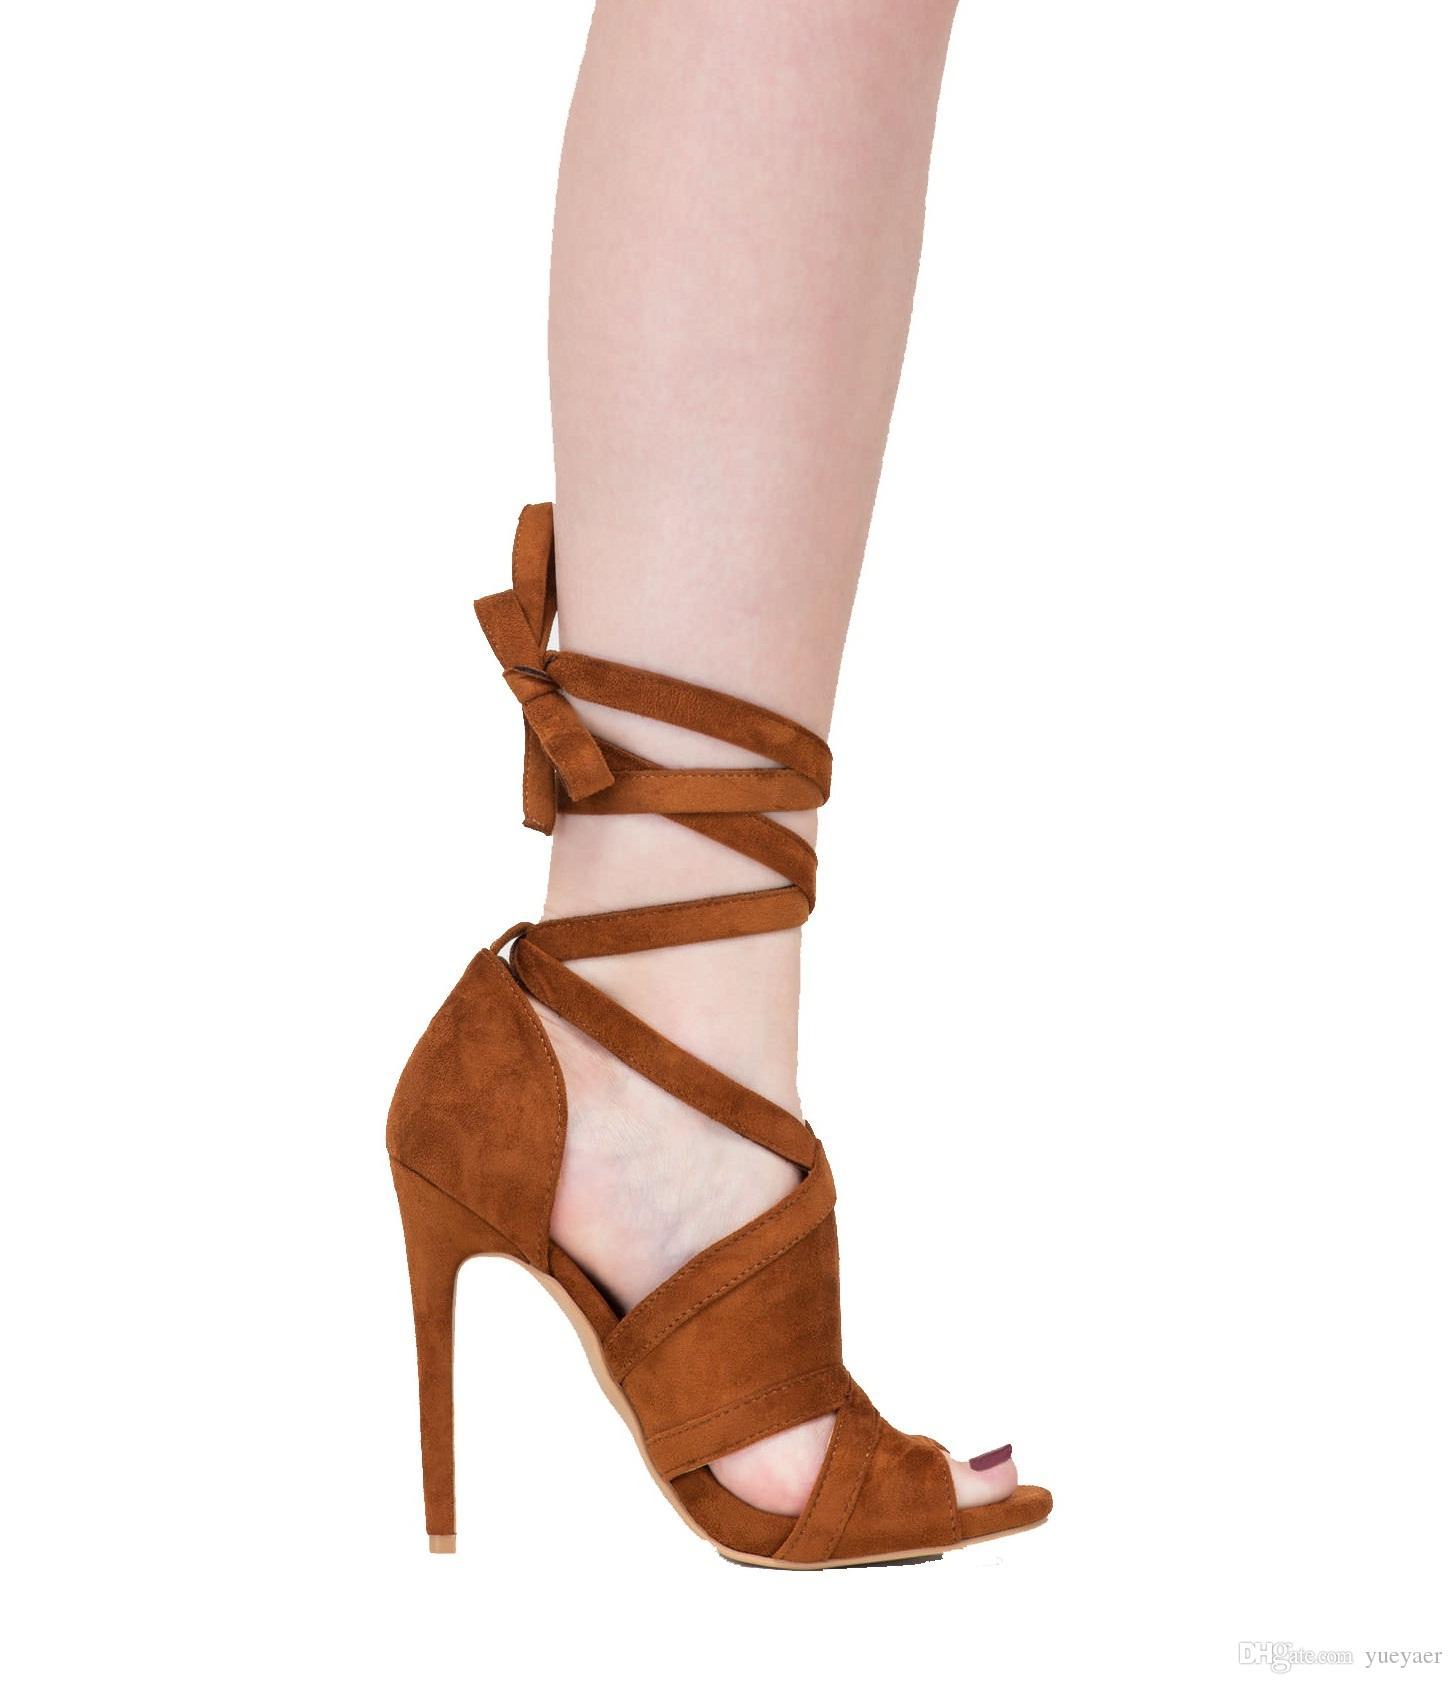 Zandina Femmes Dames À La Main À La Mode 10 cm Sandales À Talons Haut Baguage Club Party Soirée Talons Chaussures Marron Z71010